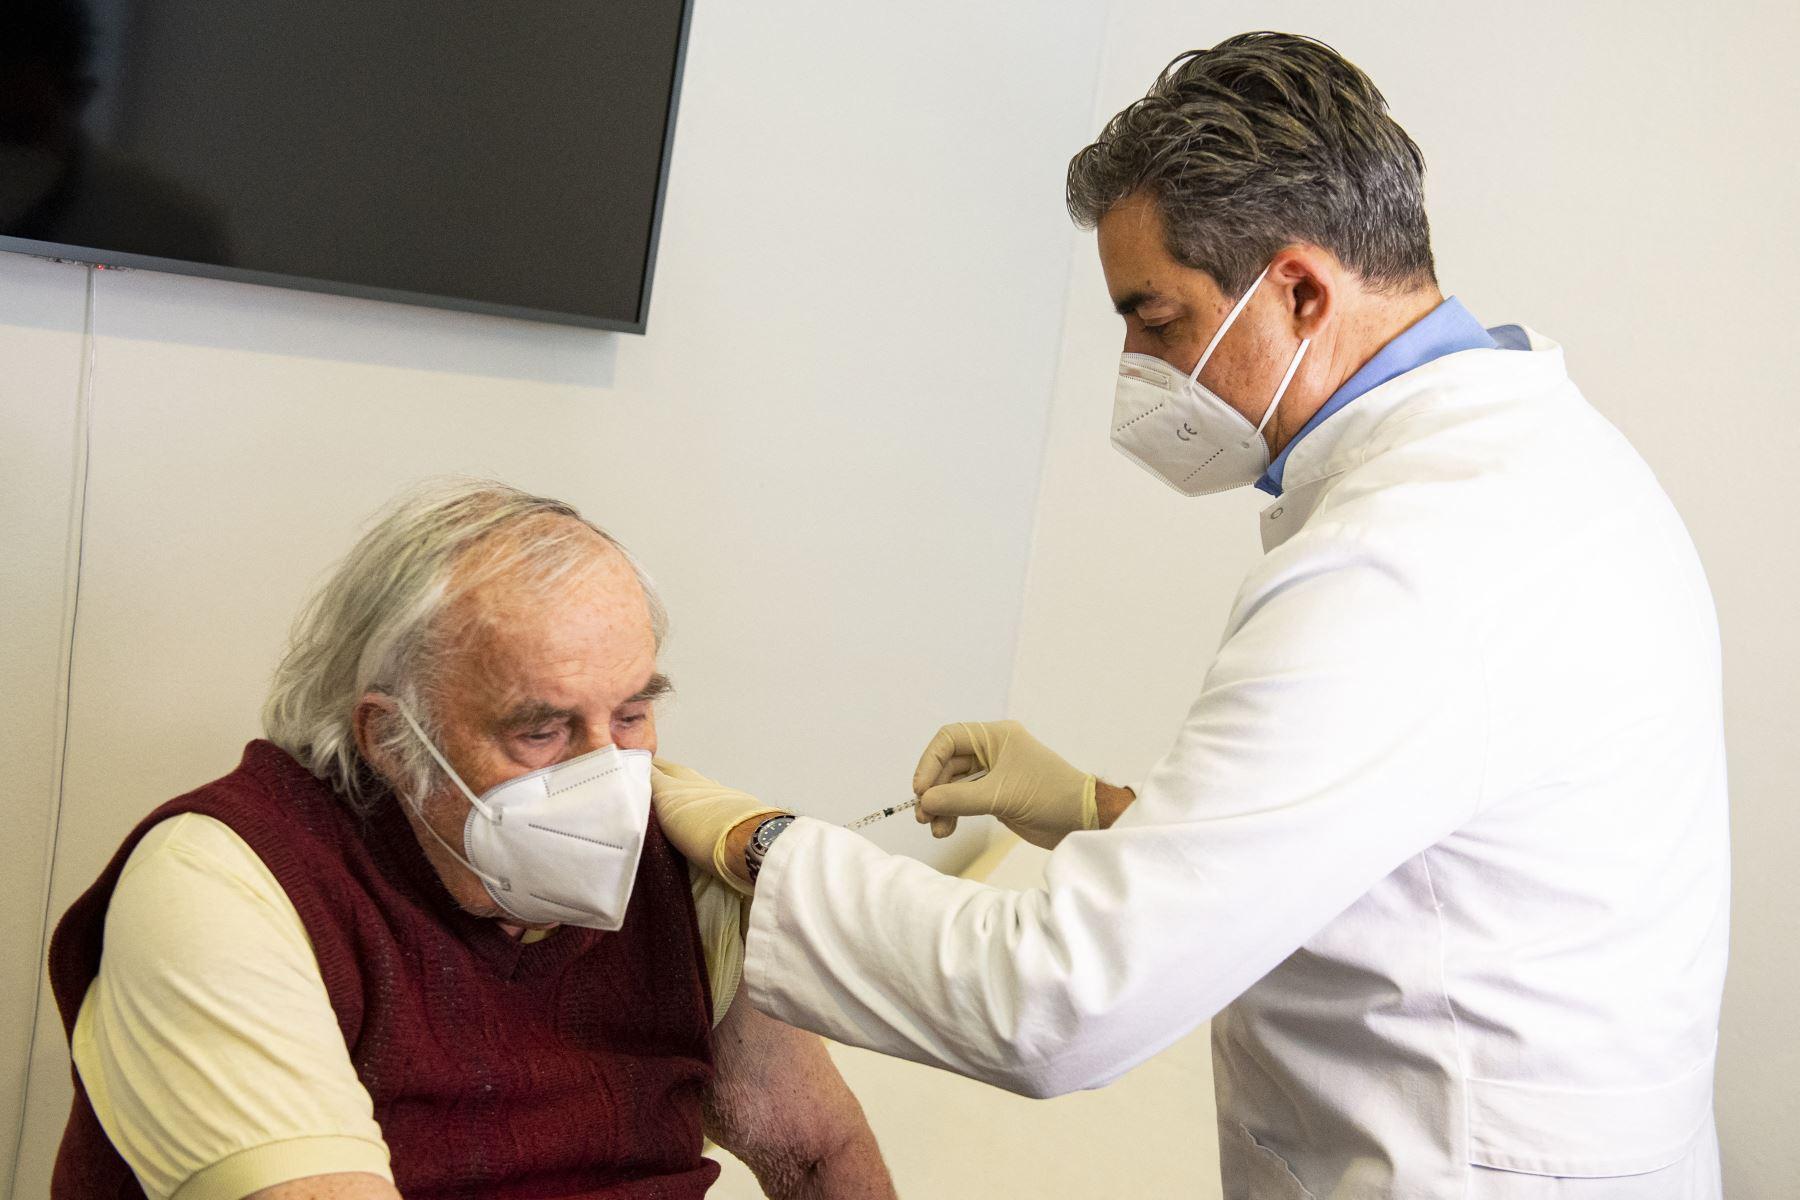 El médico general Oliver Abbushi vacuna al paciente Helmuth Mueller con la vacuna de AstraZeneca contra el coronavirus en Deisenhofen, sur de Alemania, el 31 de marzo de 2021. Foto: AFP